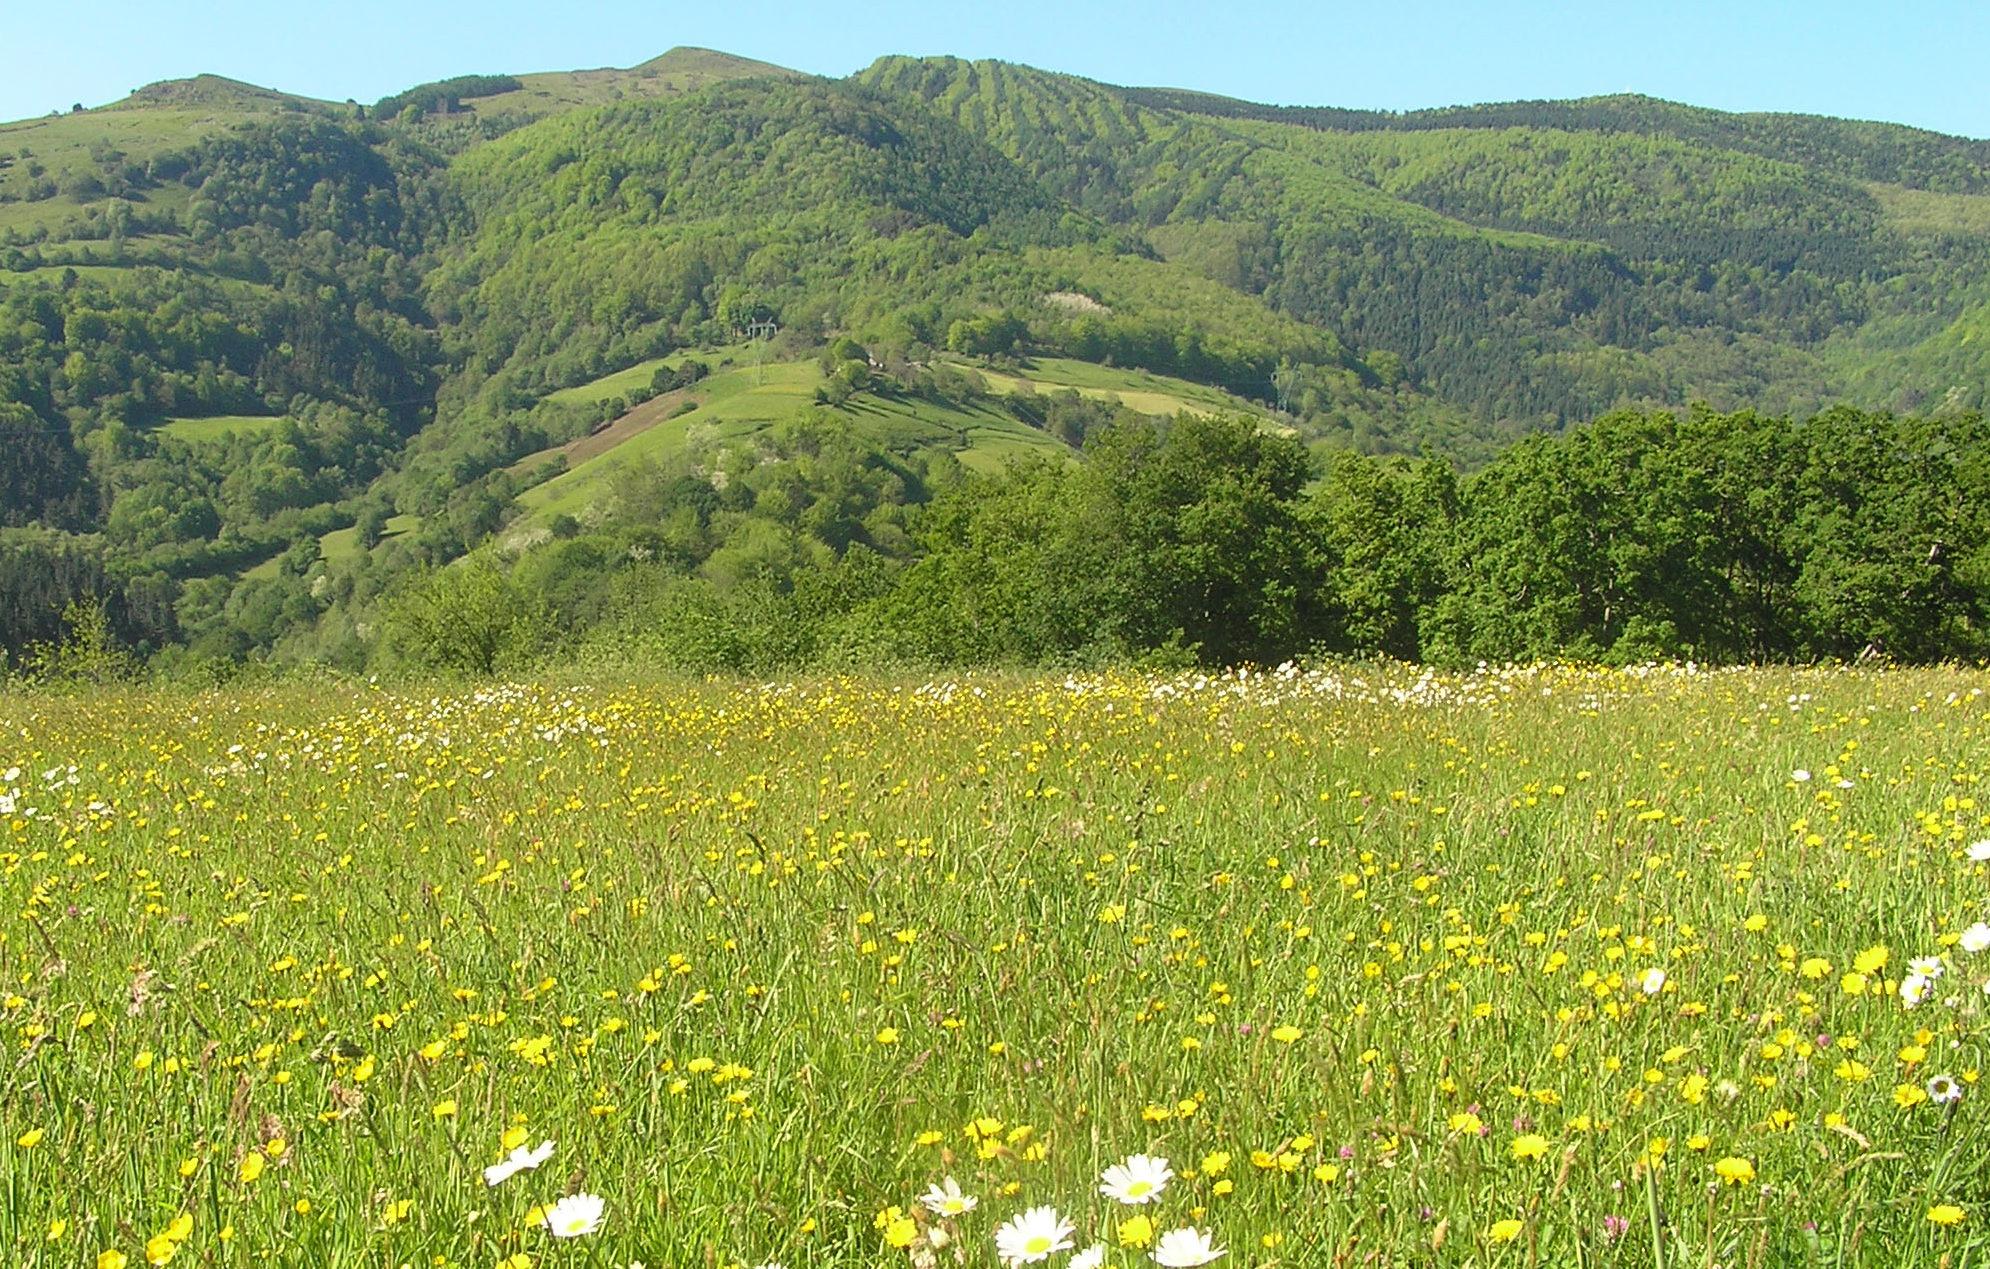 pagoteaparquenatural e1588504109924 - Parque natural de Pagoeta-País Vasco-España